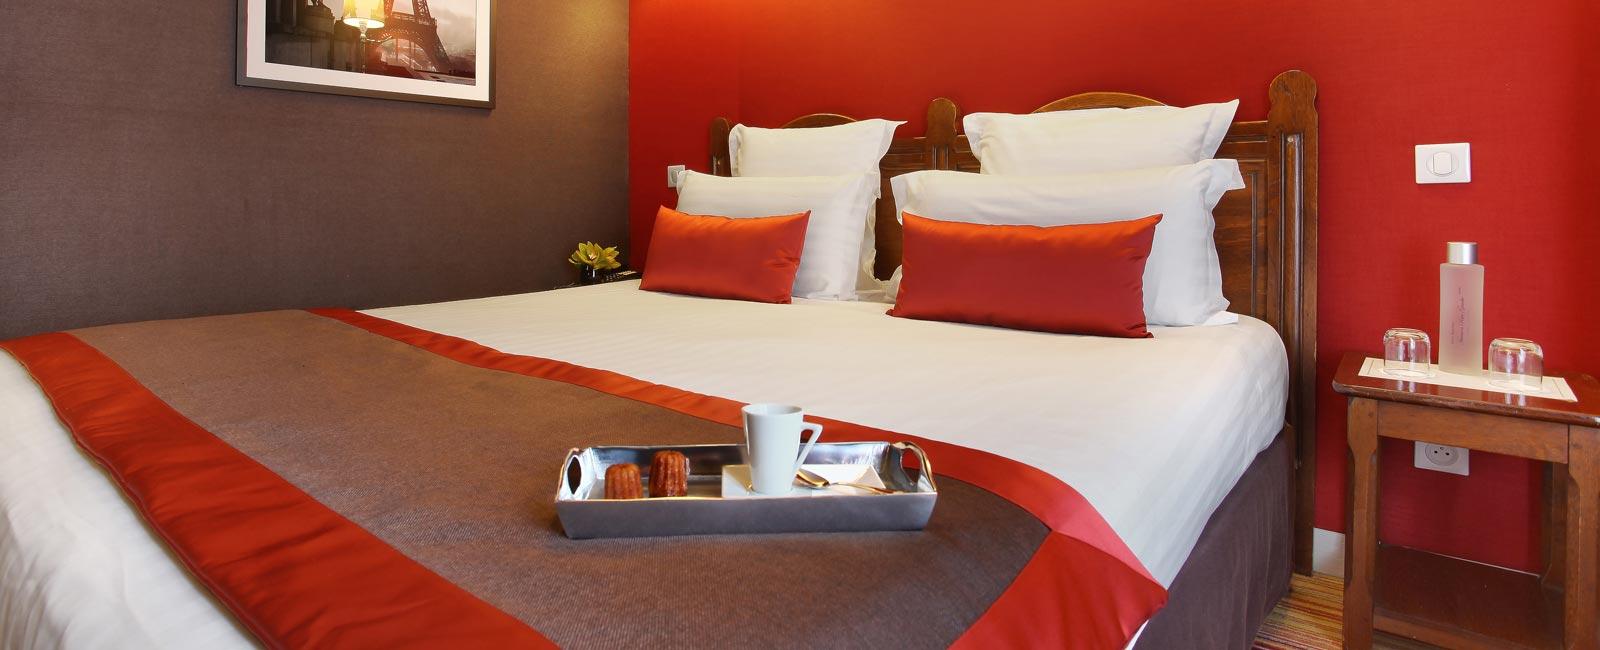 Chambres communicantes hotel trianon rive gauche for 2 chambres communicantes